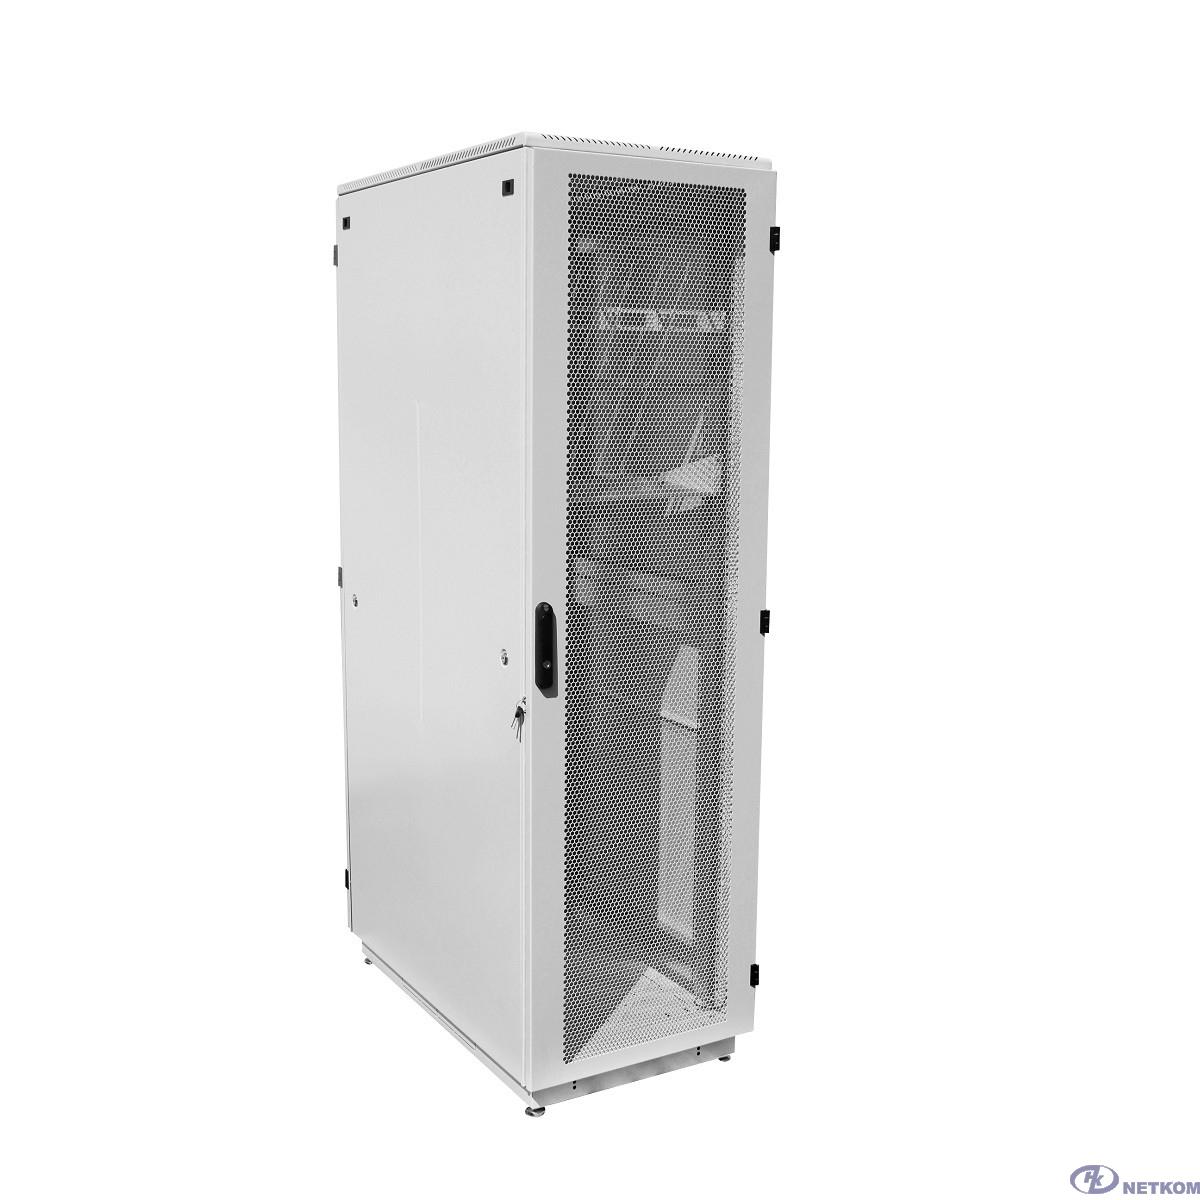 ЦМО Шкаф телекоммуникационный напольный 42U (600x1000) дверь перфорированная (ШТК-М-42.6.10-4ААА) (3 коробки)